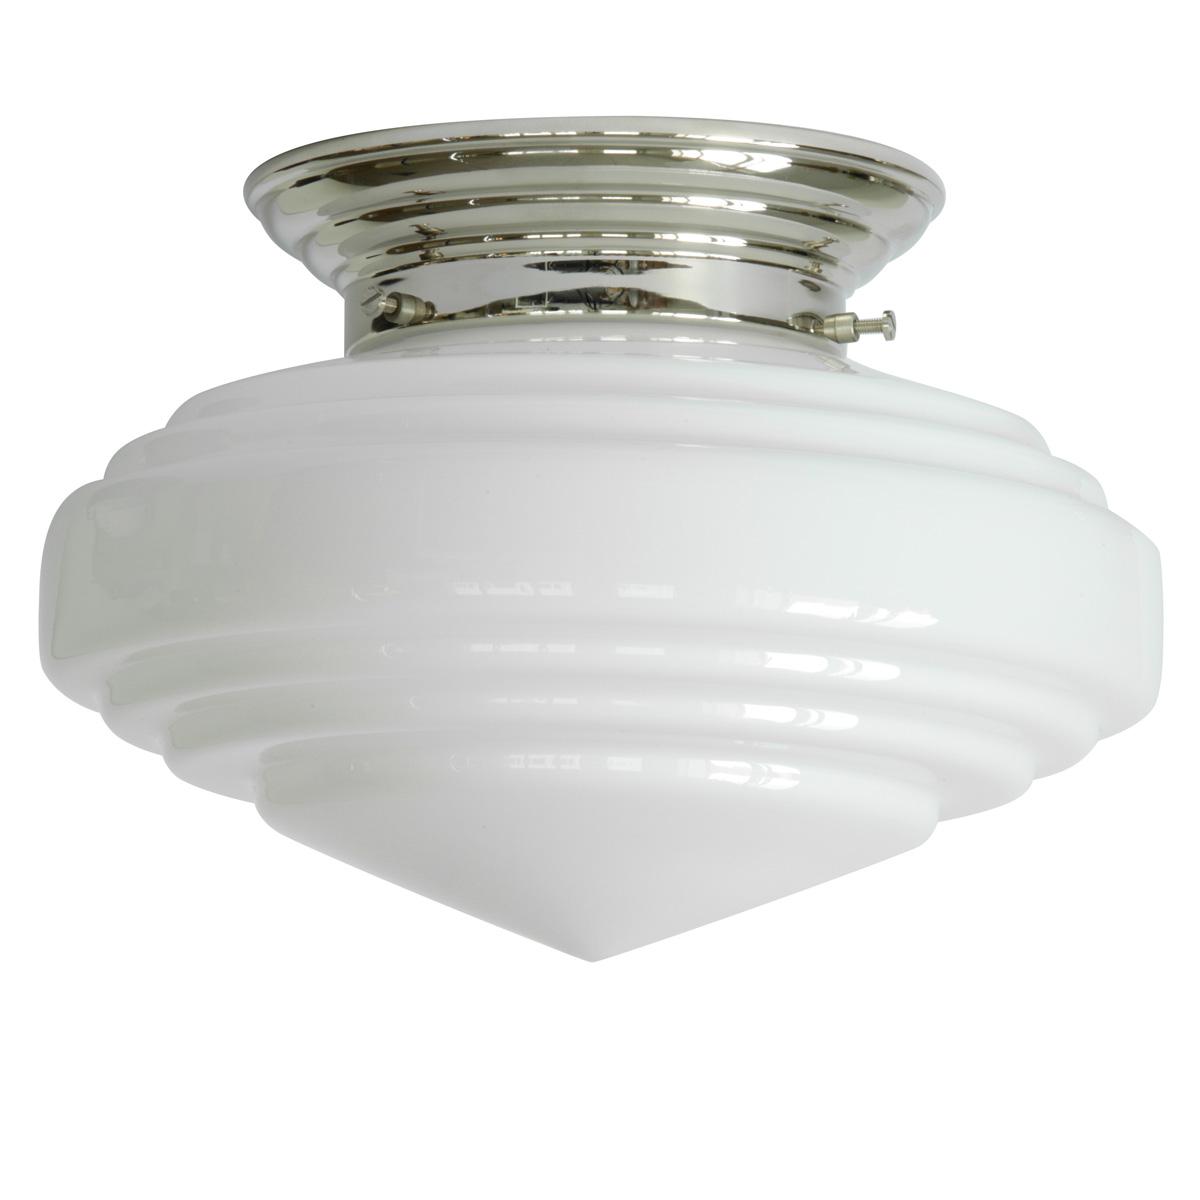 Ansprechend Messing Deckenlampe Referenz Von Bild 1: Art Déco-deckenleuchte Mit Opalglas, Glanzvernickelt